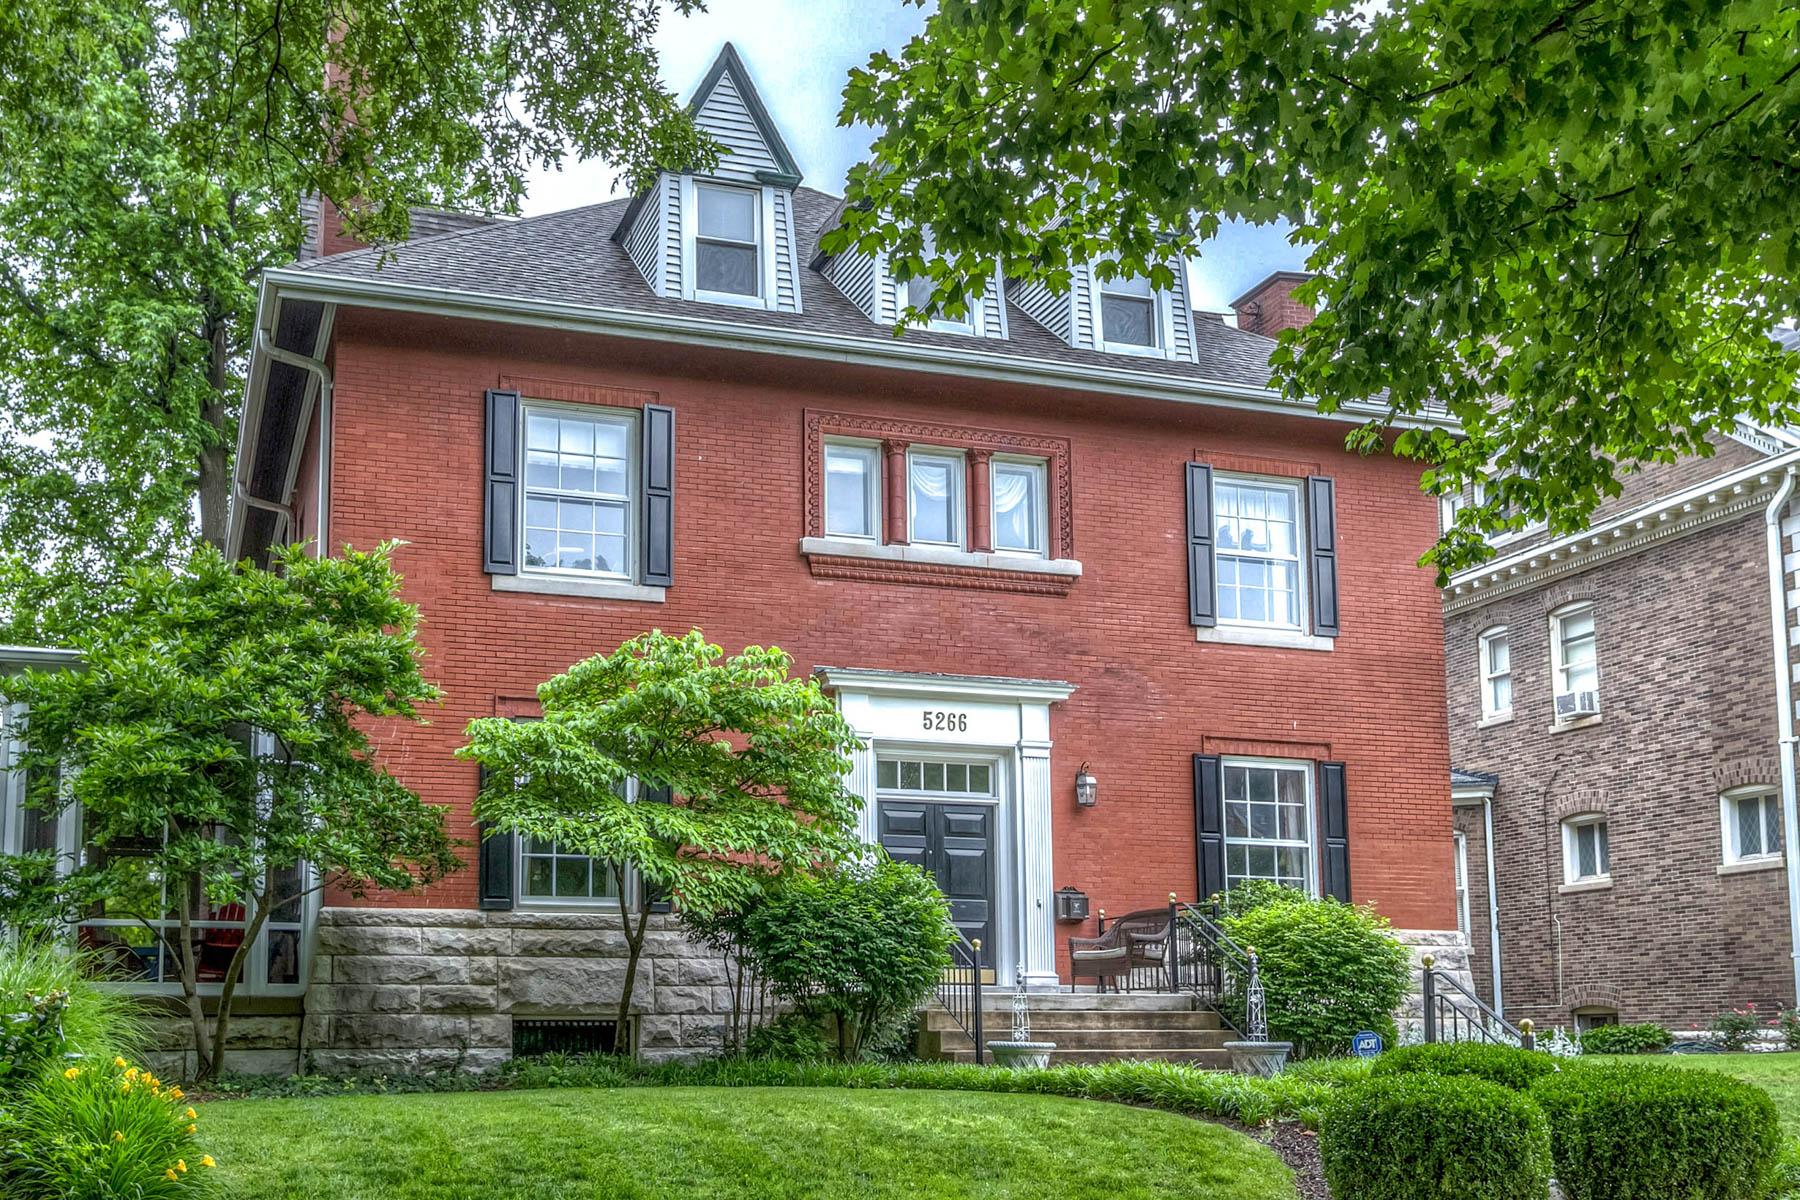 Tek Ailelik Ev için Satış at Westminster Ave 5266 Westminster Place St. Louis, Missouri 63108 Amerika Birleşik Devletleri